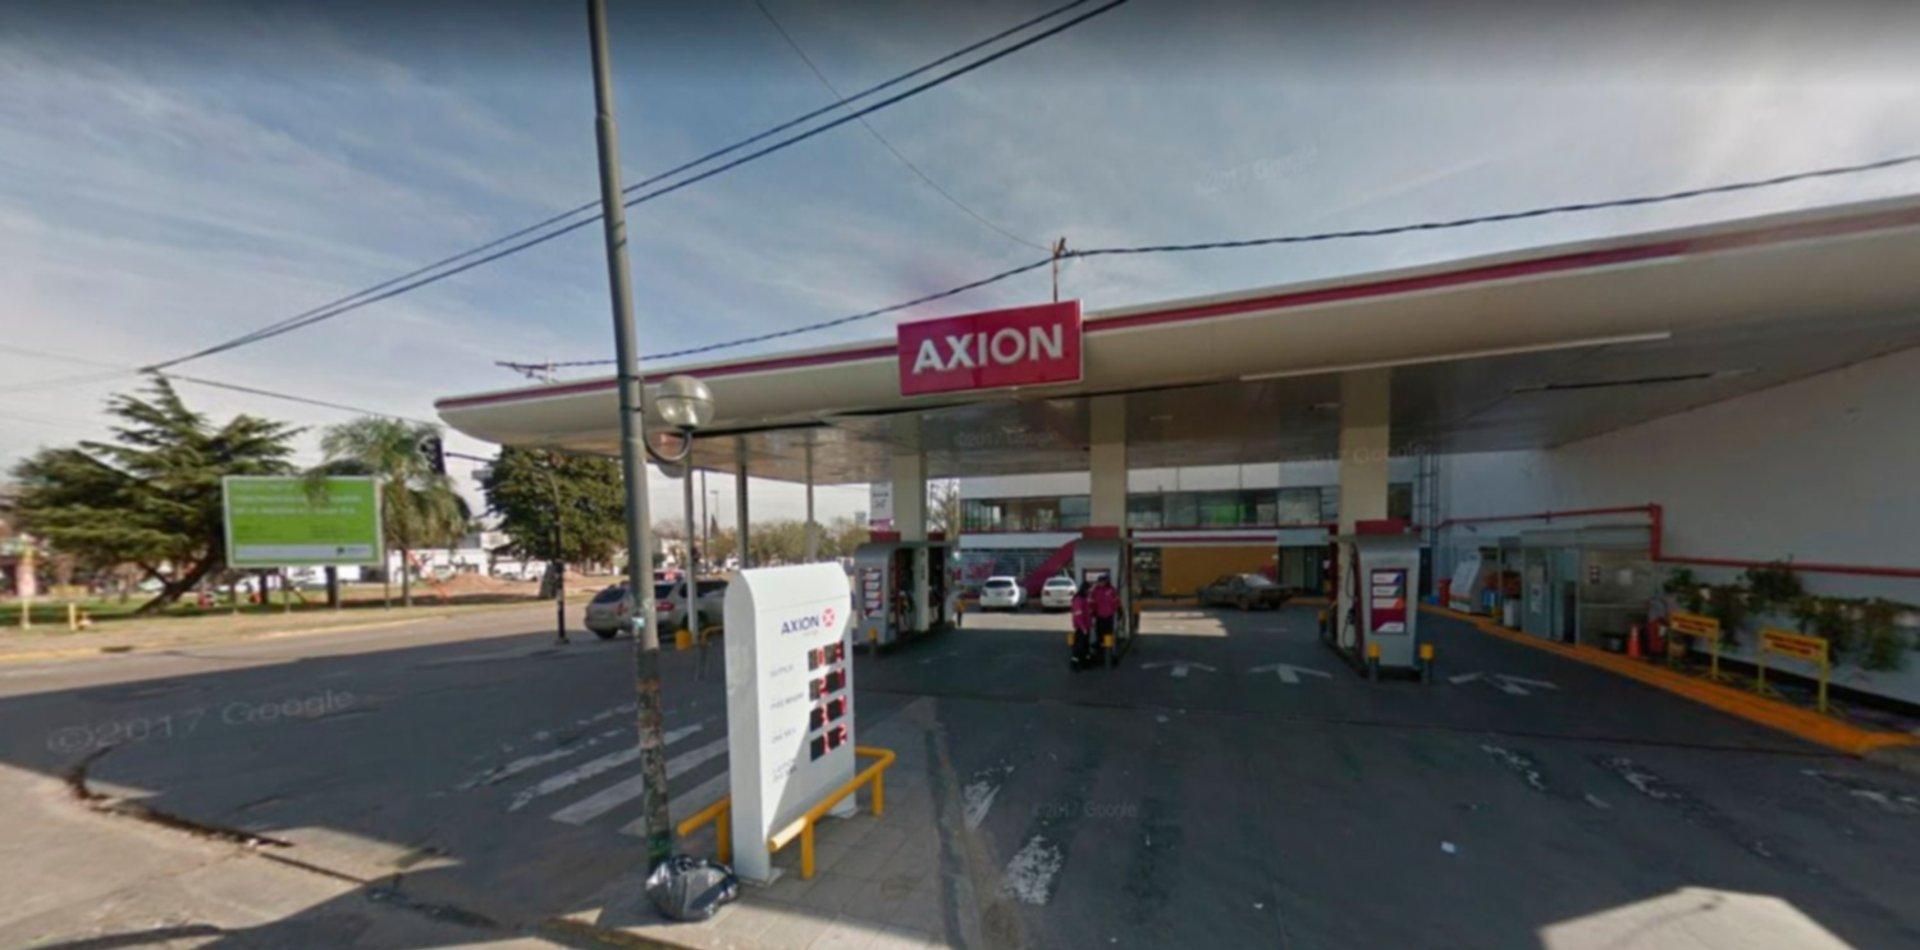 Murió el empleado que se disparó en un baño de la Axion de 44 y 31